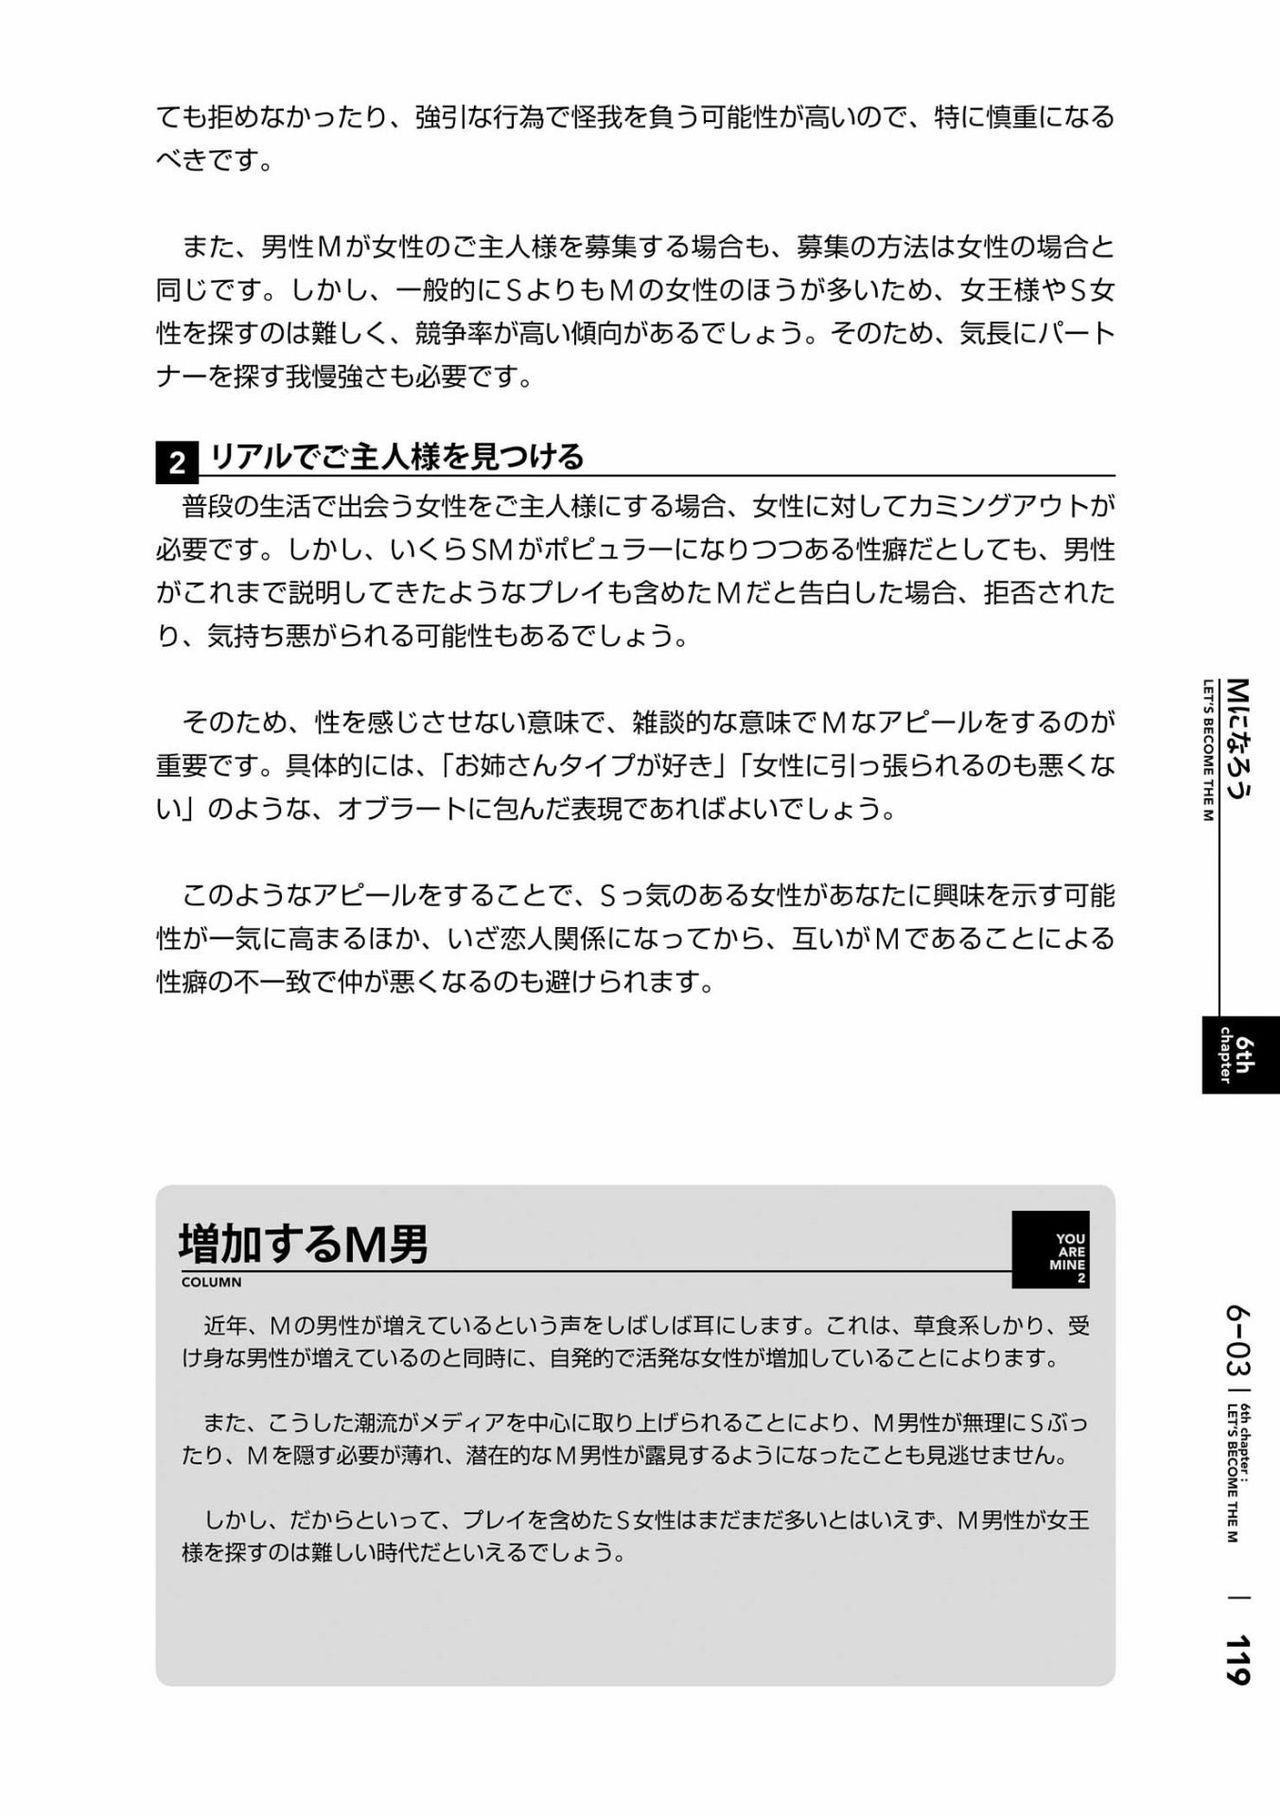 [Mitsuba] Karada mo Kokoro mo Boku no Mono ~Hajimete no SM Guide~ 2 [Digital] 121